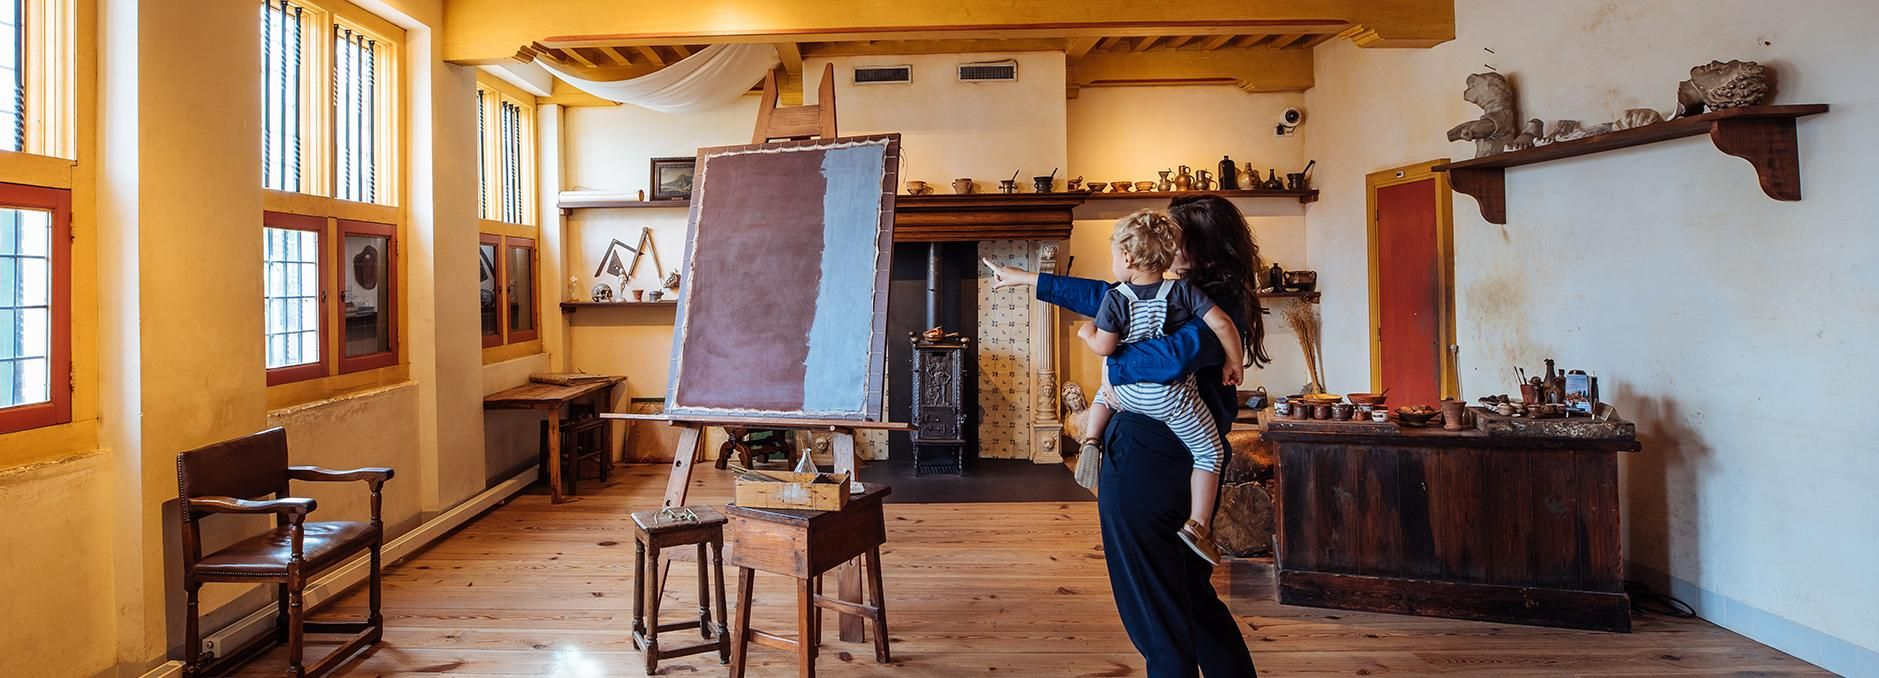 Ámsterdam: Ticket para la casa-museo de Rembrandt